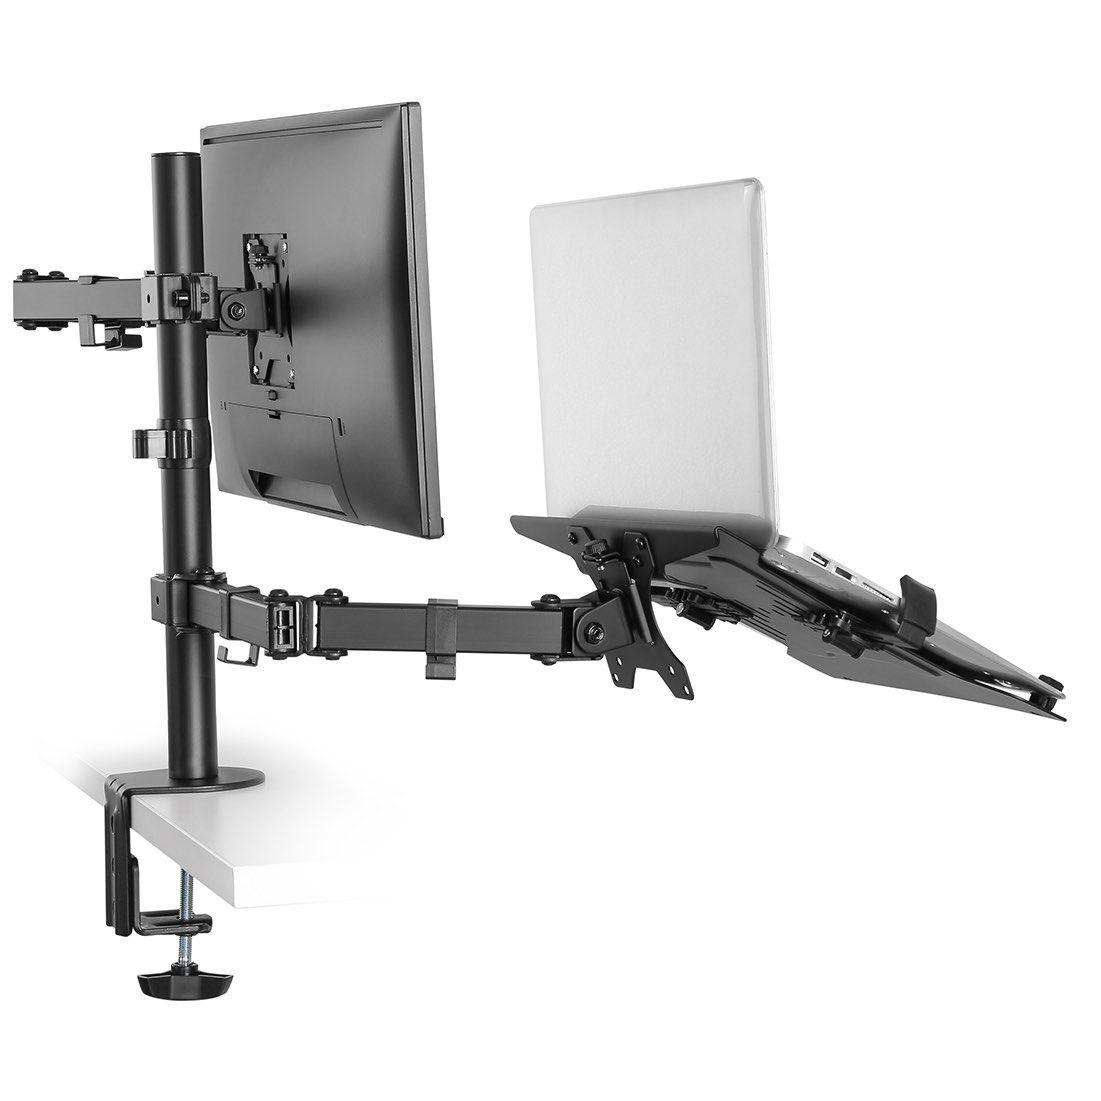 Suporte de Mesa Duplo para Monitor e Notebook TM22NB  - Central Suportes